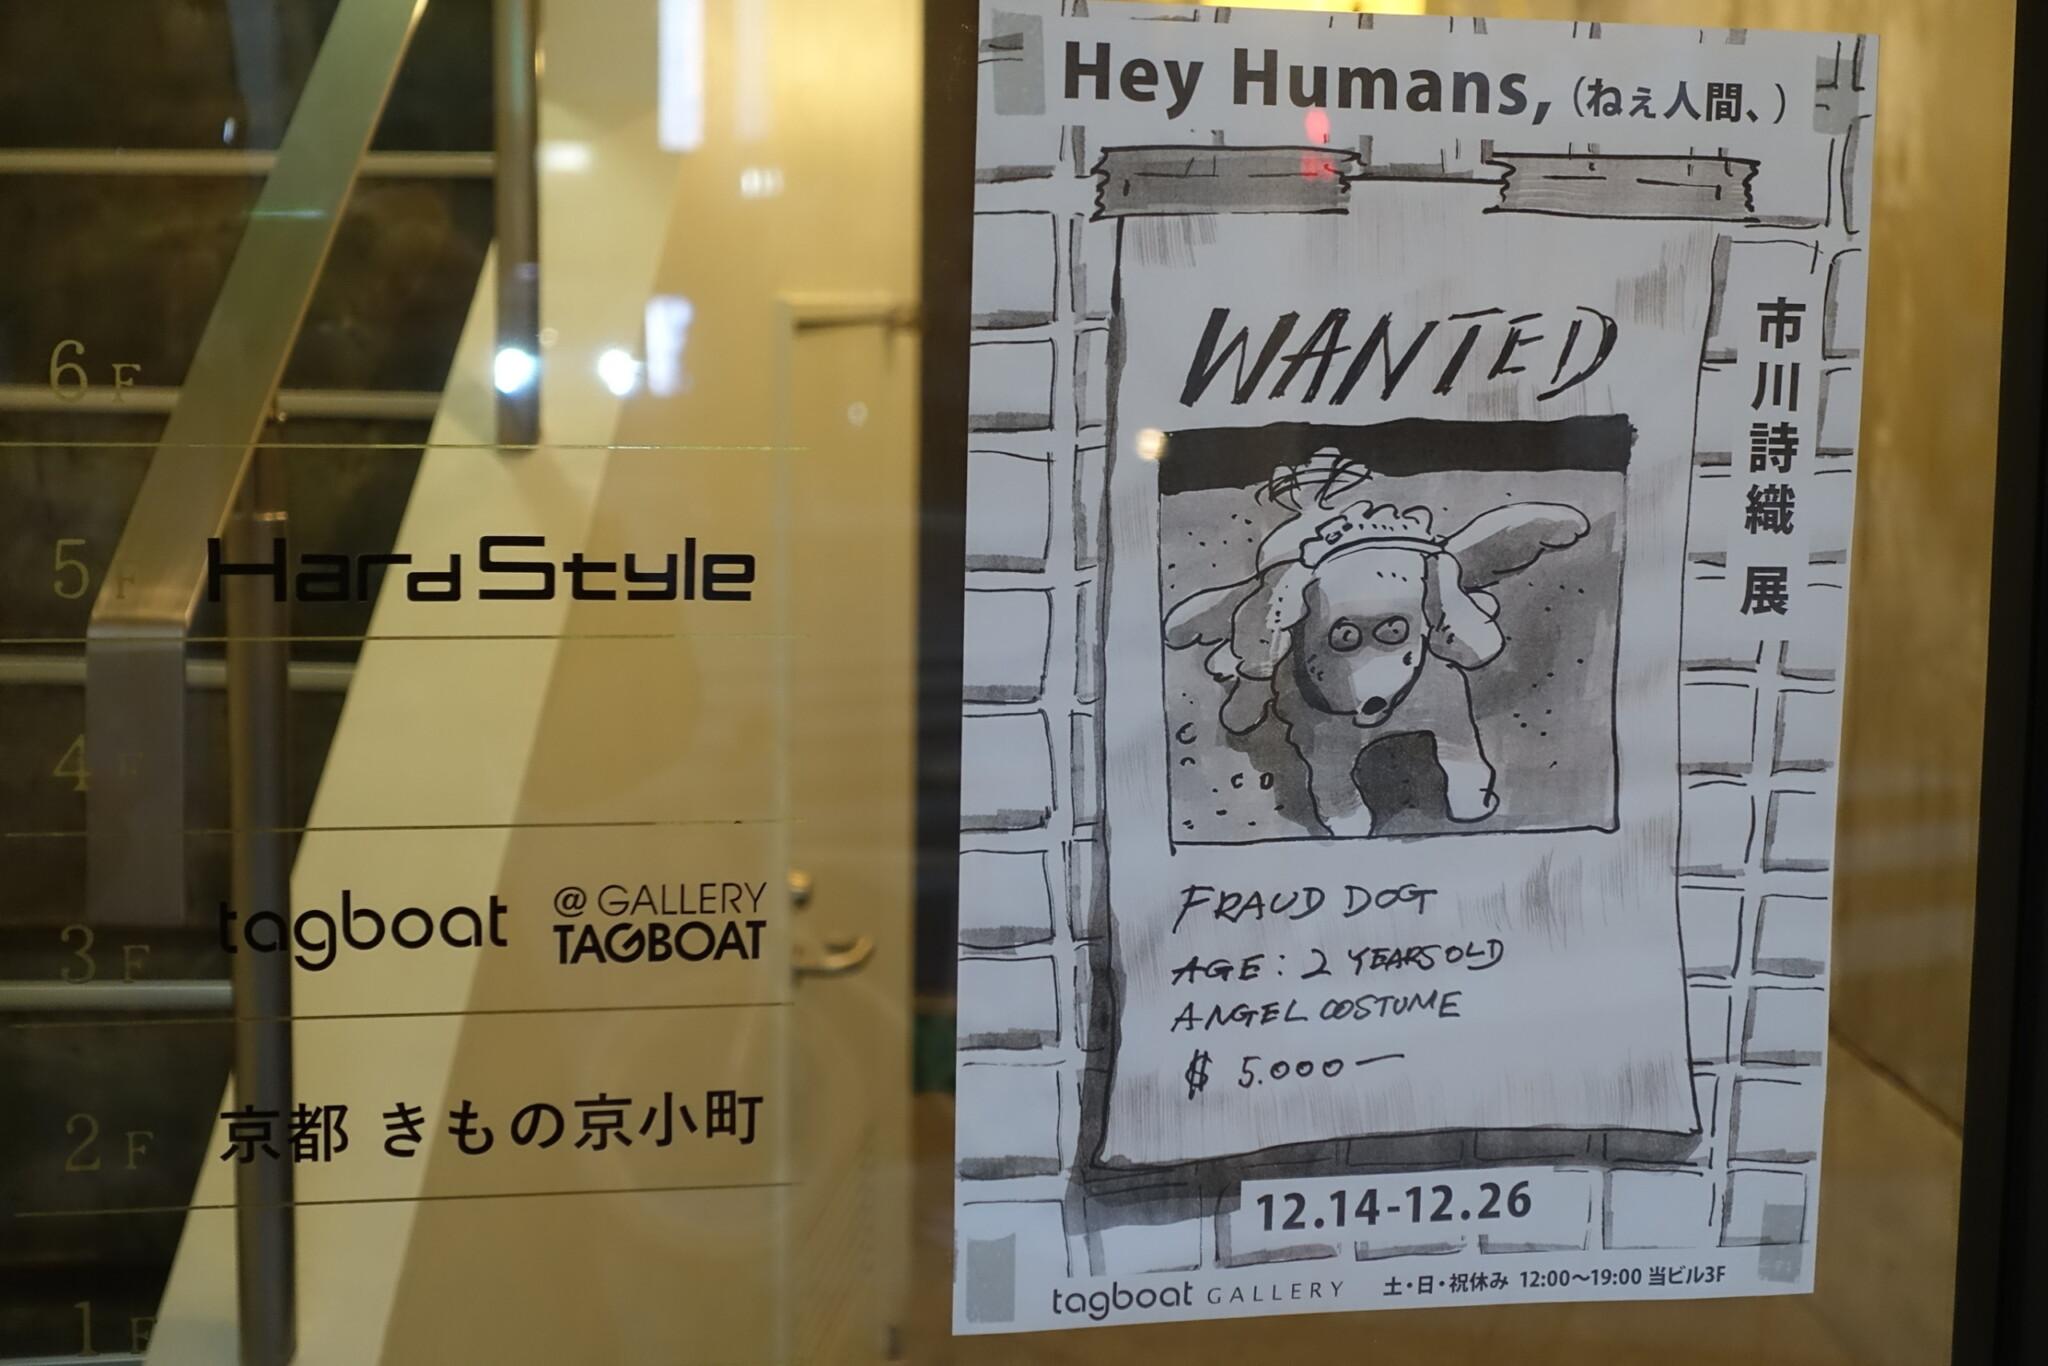 市川詩織 展 Hey Humans, (ねぇ人間、)